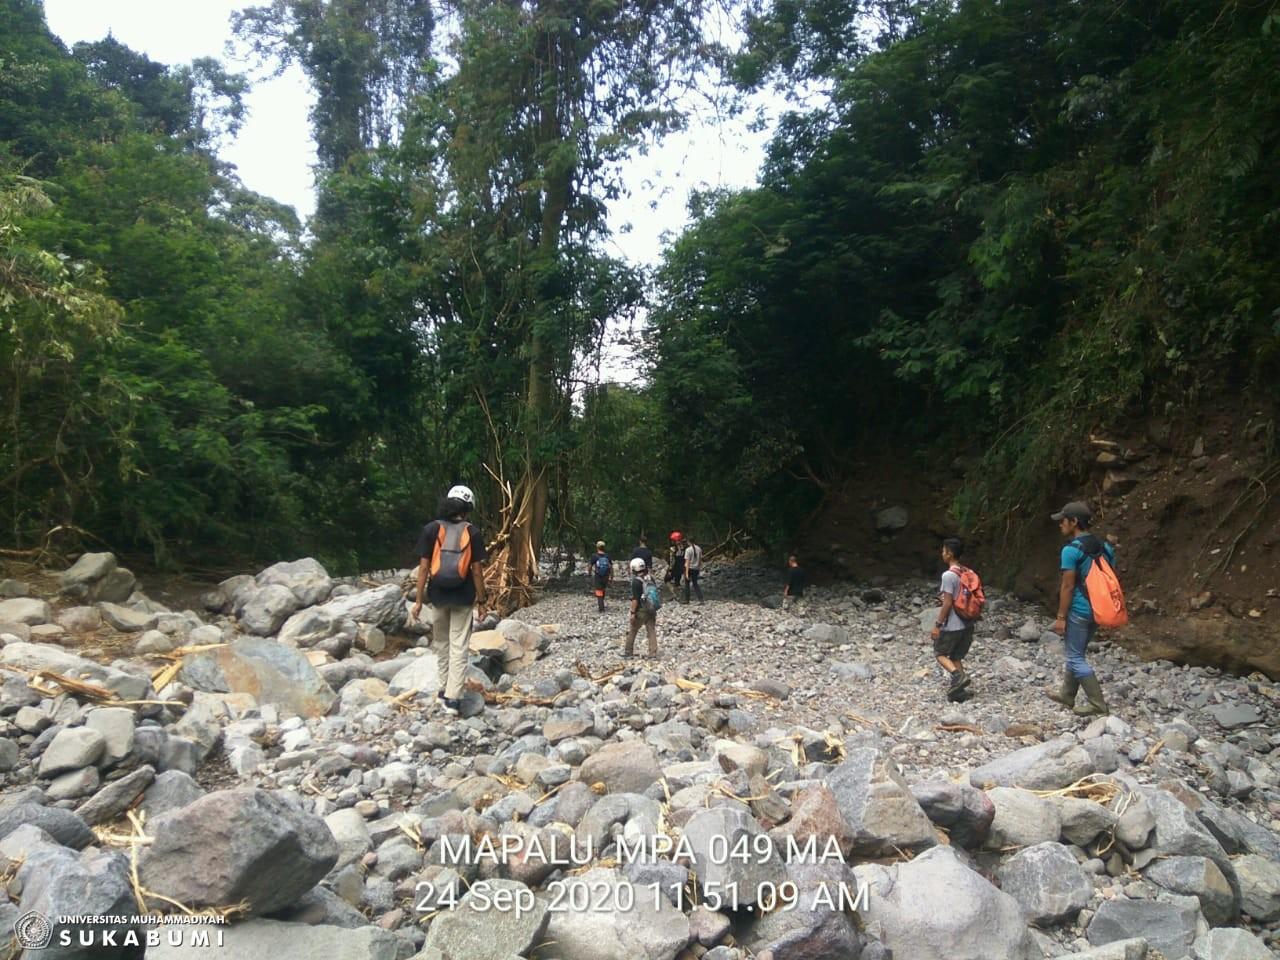 Hasil Assement MAPALU UMMI  Penyebab Terjadinya Banjir  Bandang Cicurug